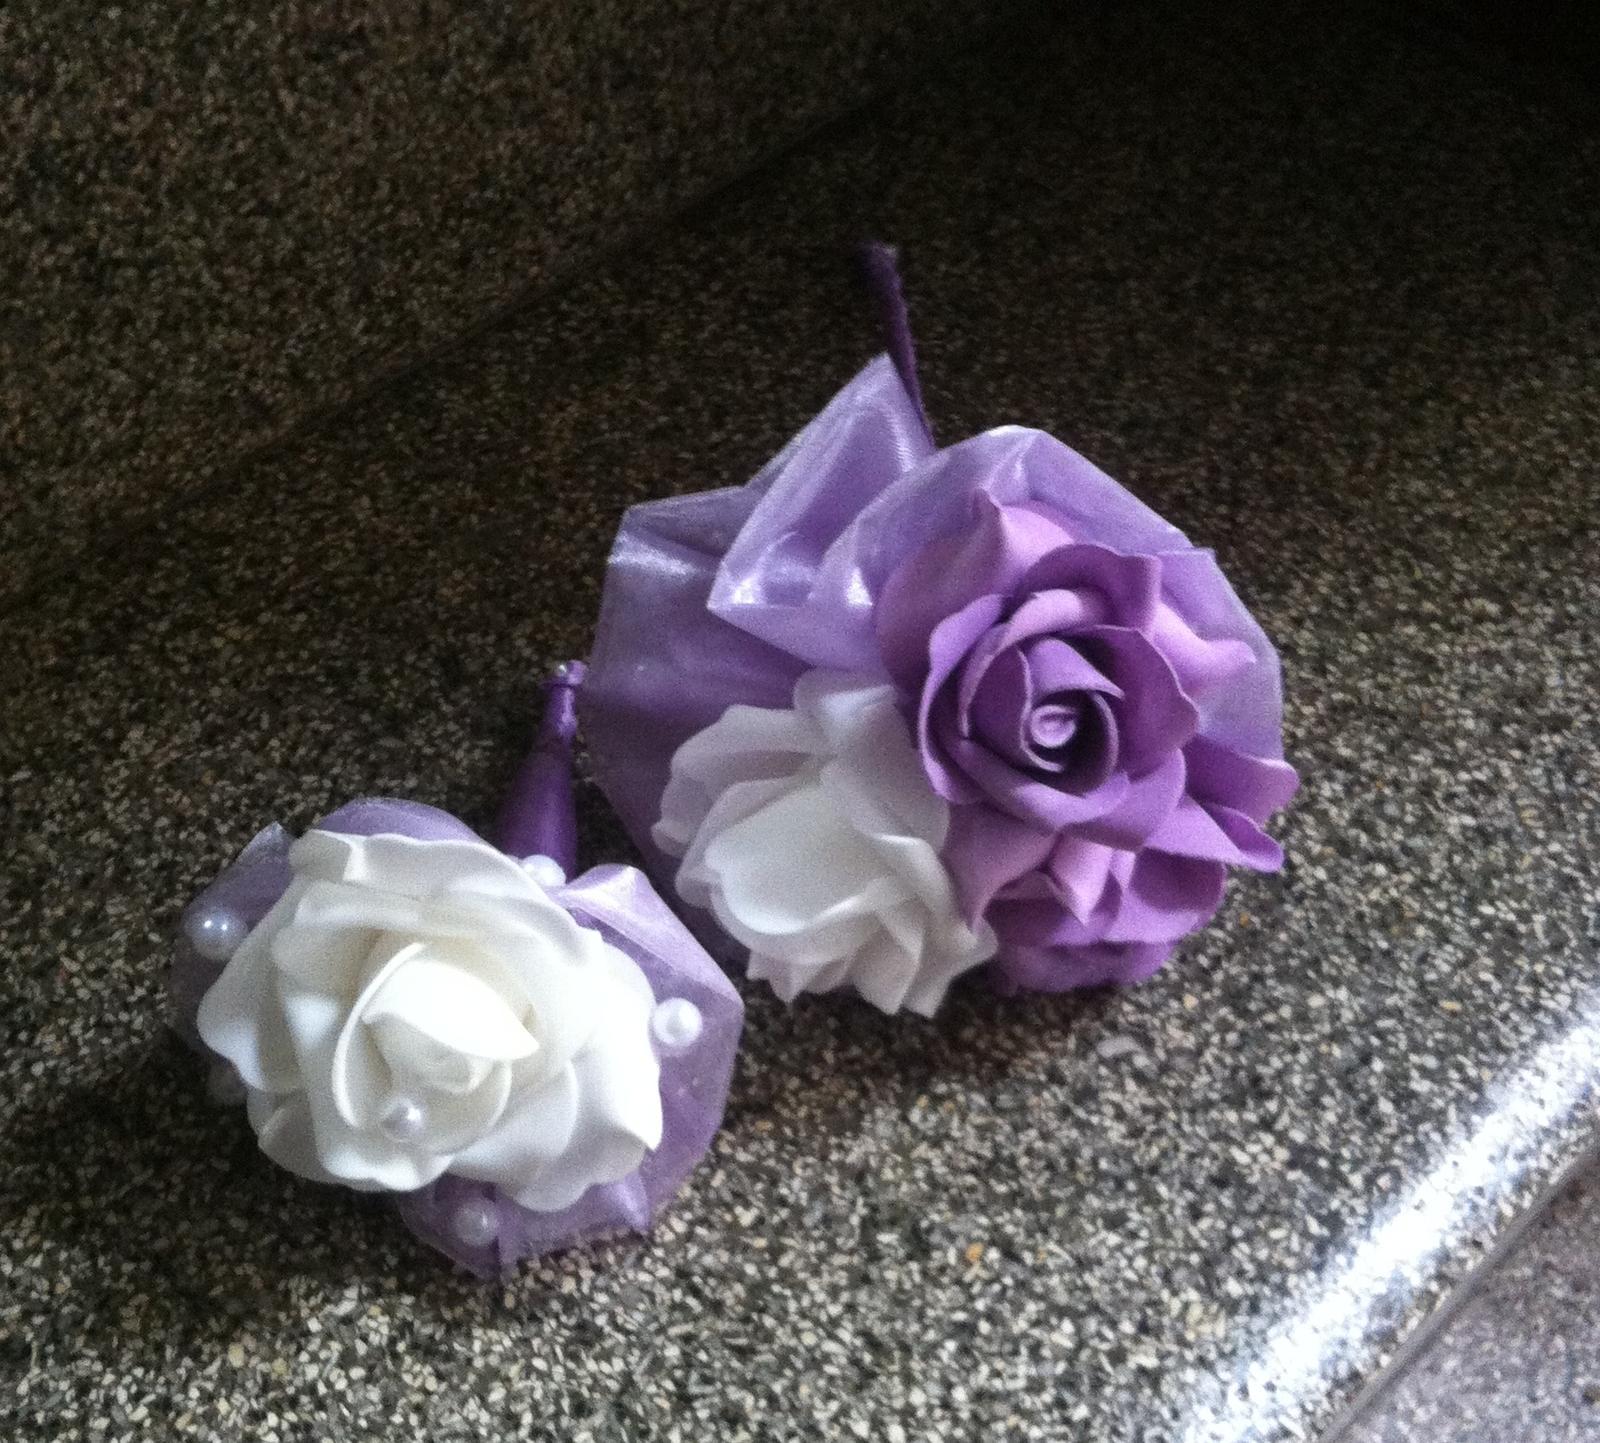 Netradiční svatební kytice - pěnové růžičky + polštářky pod prstýnky, košíčky - Obrázek č. 89